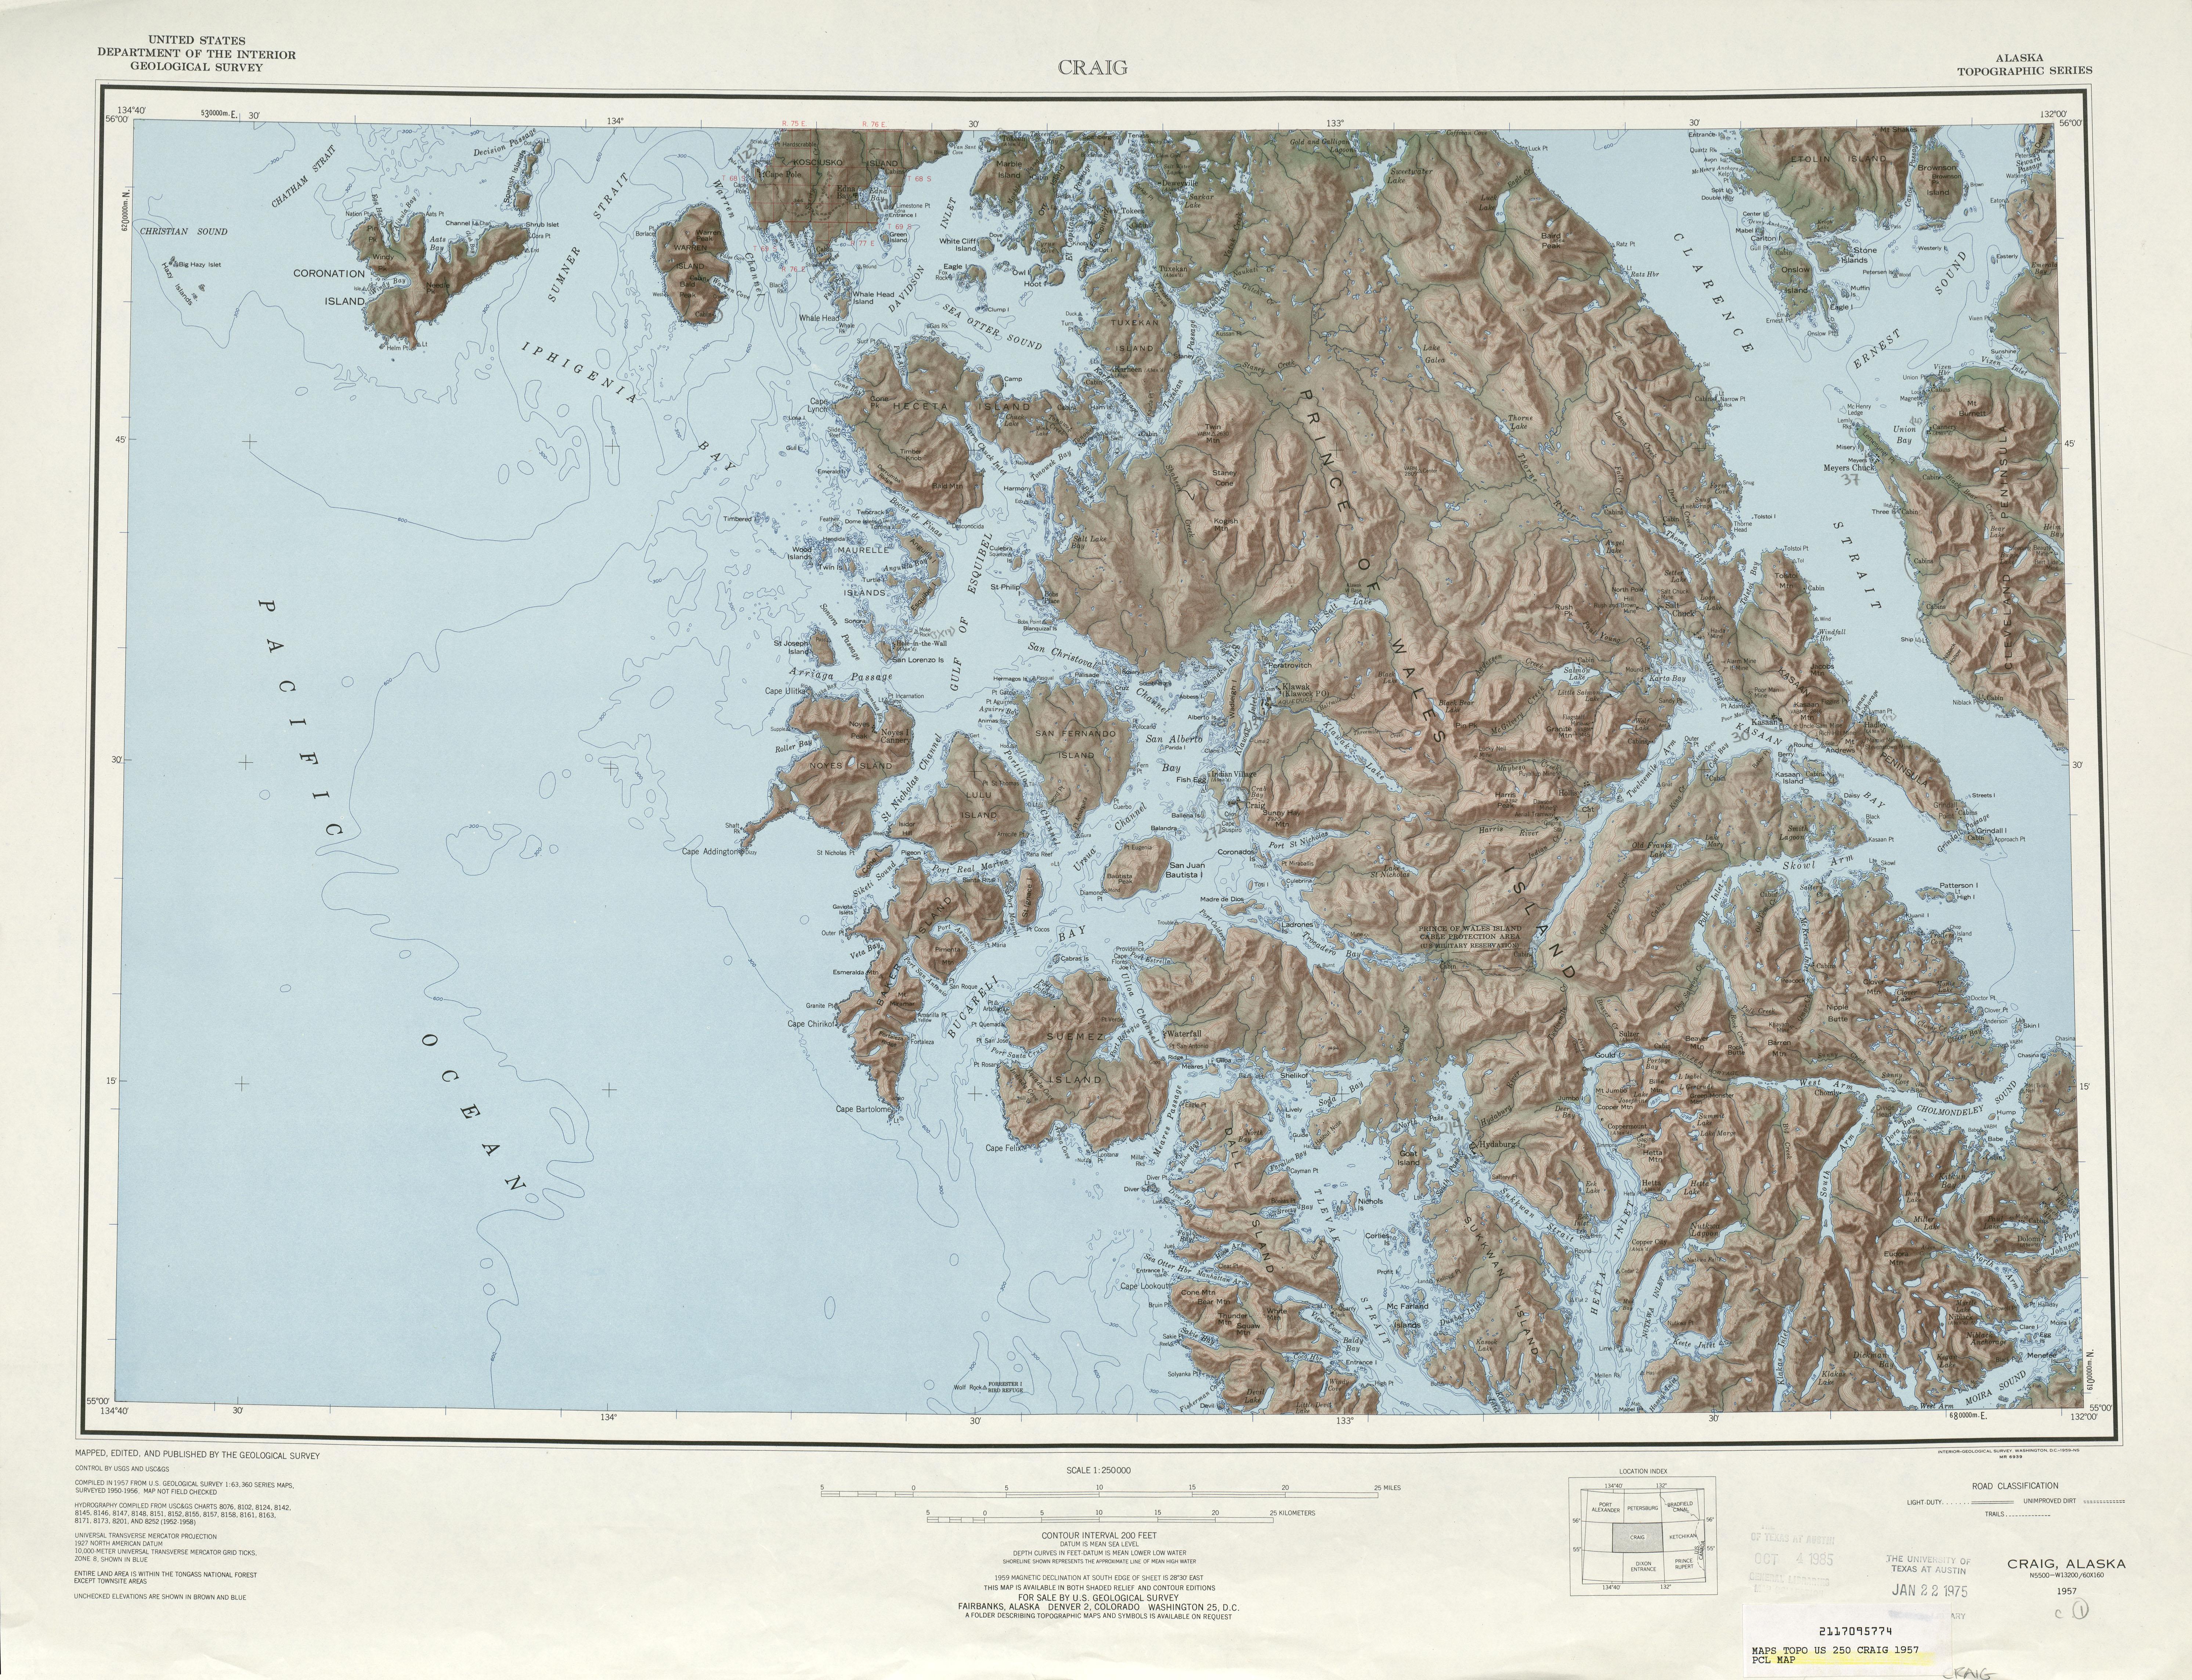 Hoja Craig  del Mapa Topográfico de los Estados Unidos 1957